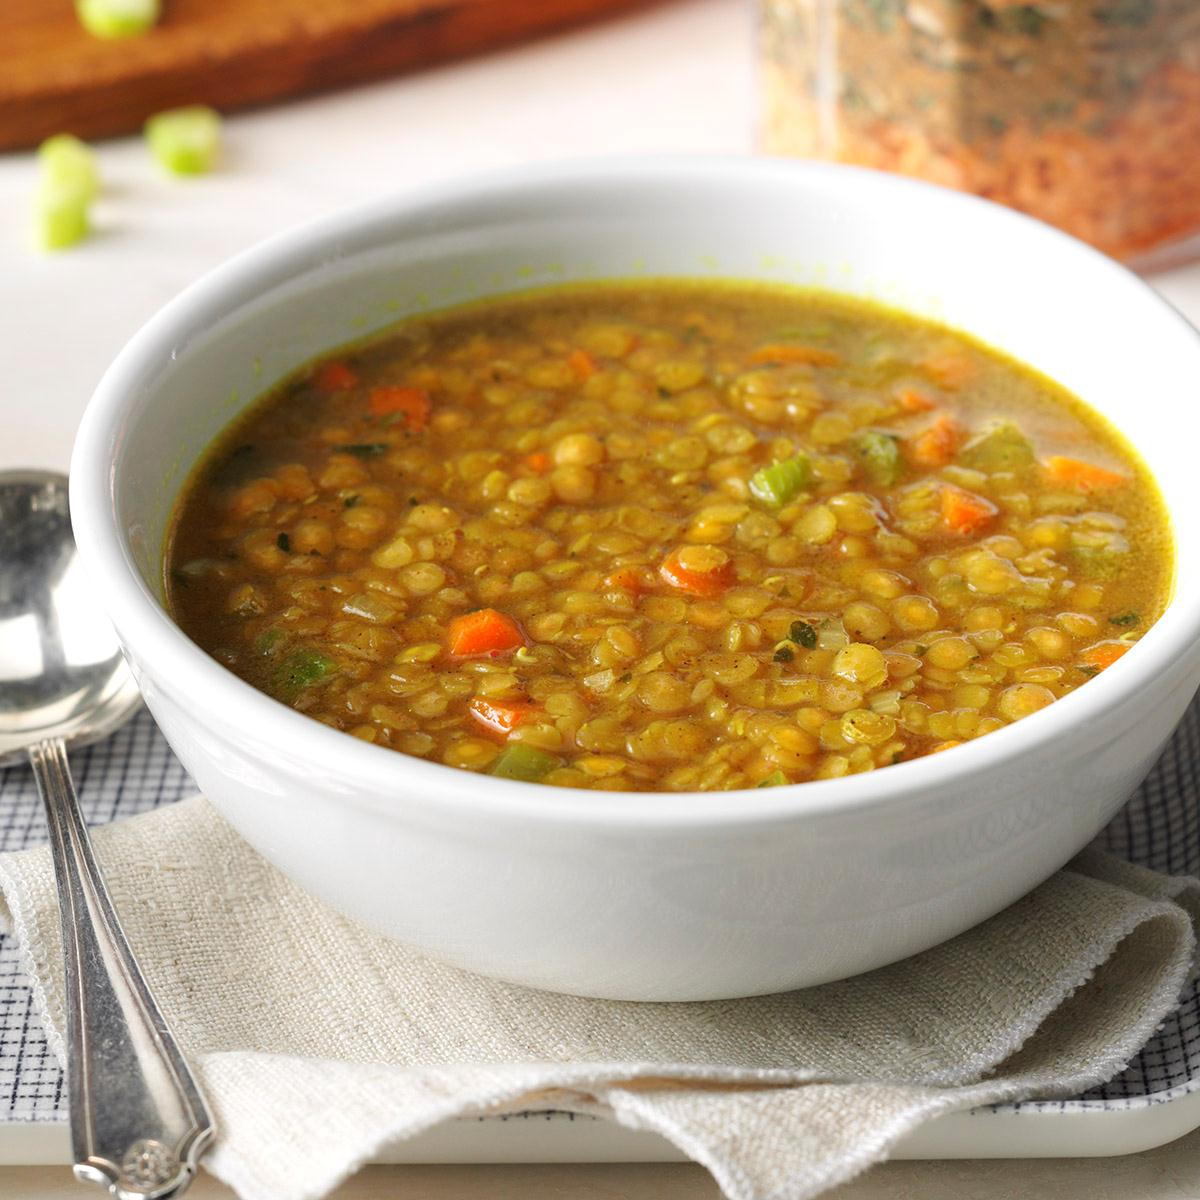 10 Recipe Lentil Soup - Cozy & Healthy Lentil Soup Recipes